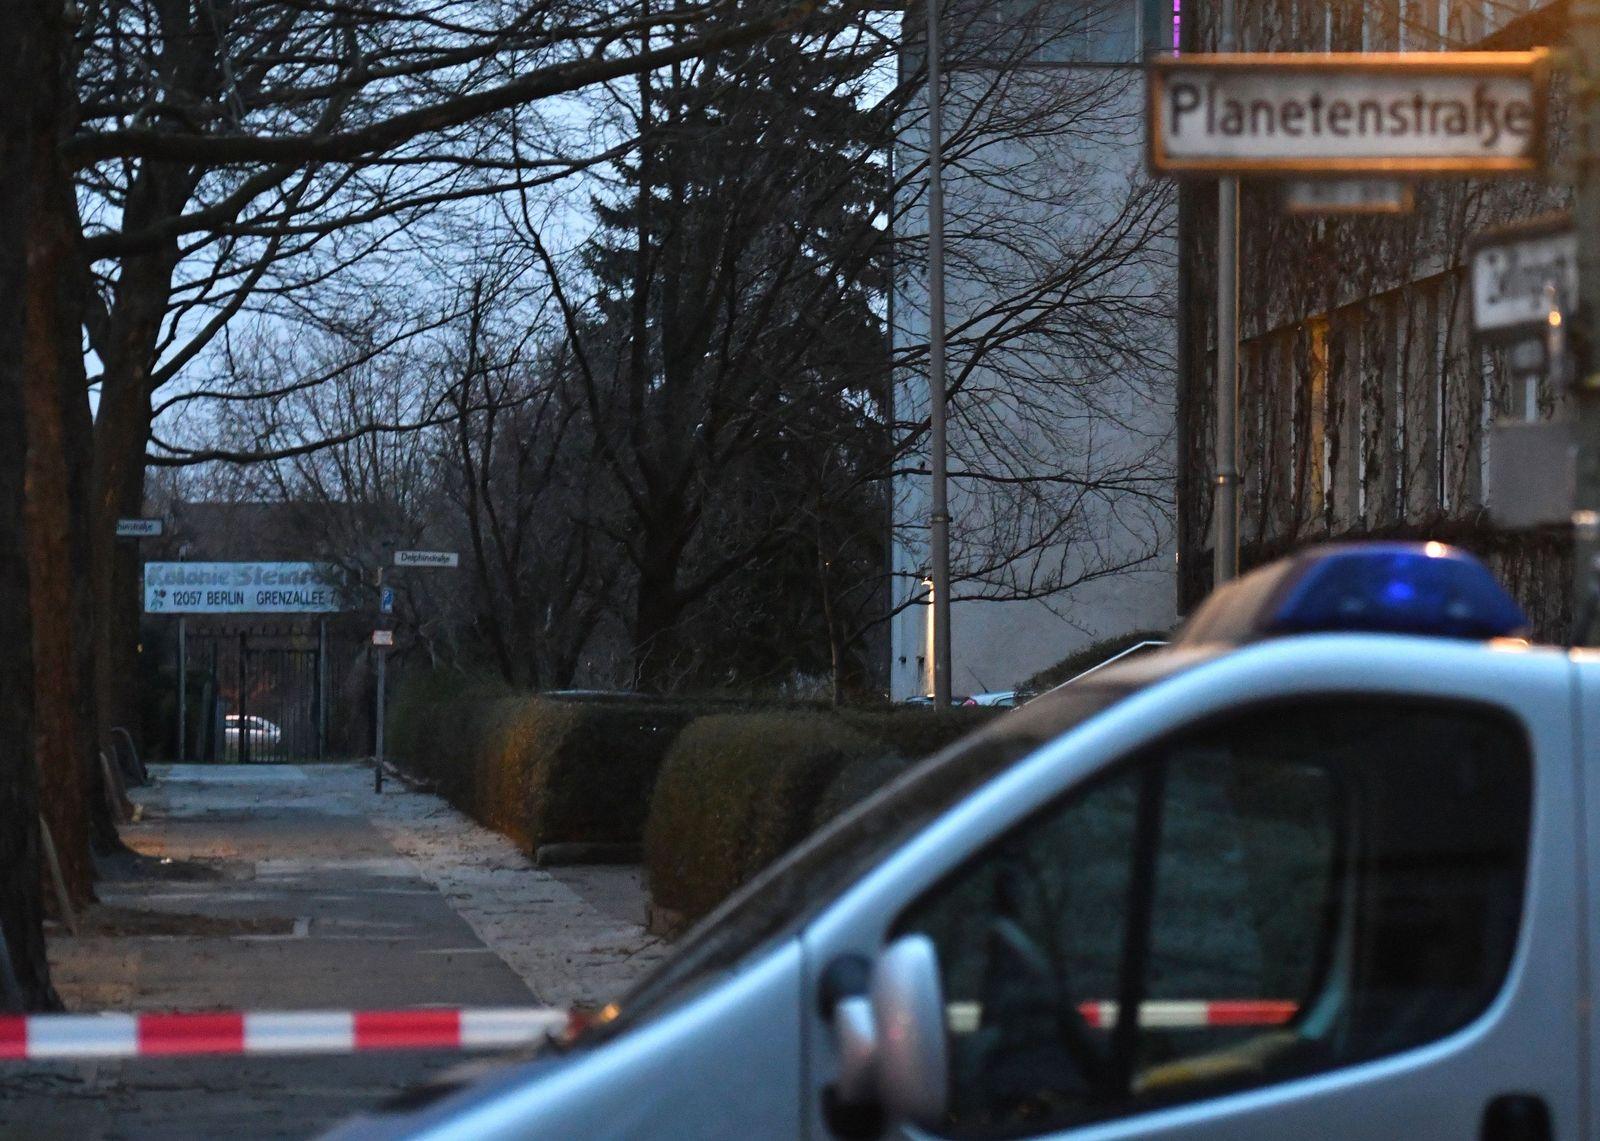 63-Jähriger hält Frau in Wohnung fest